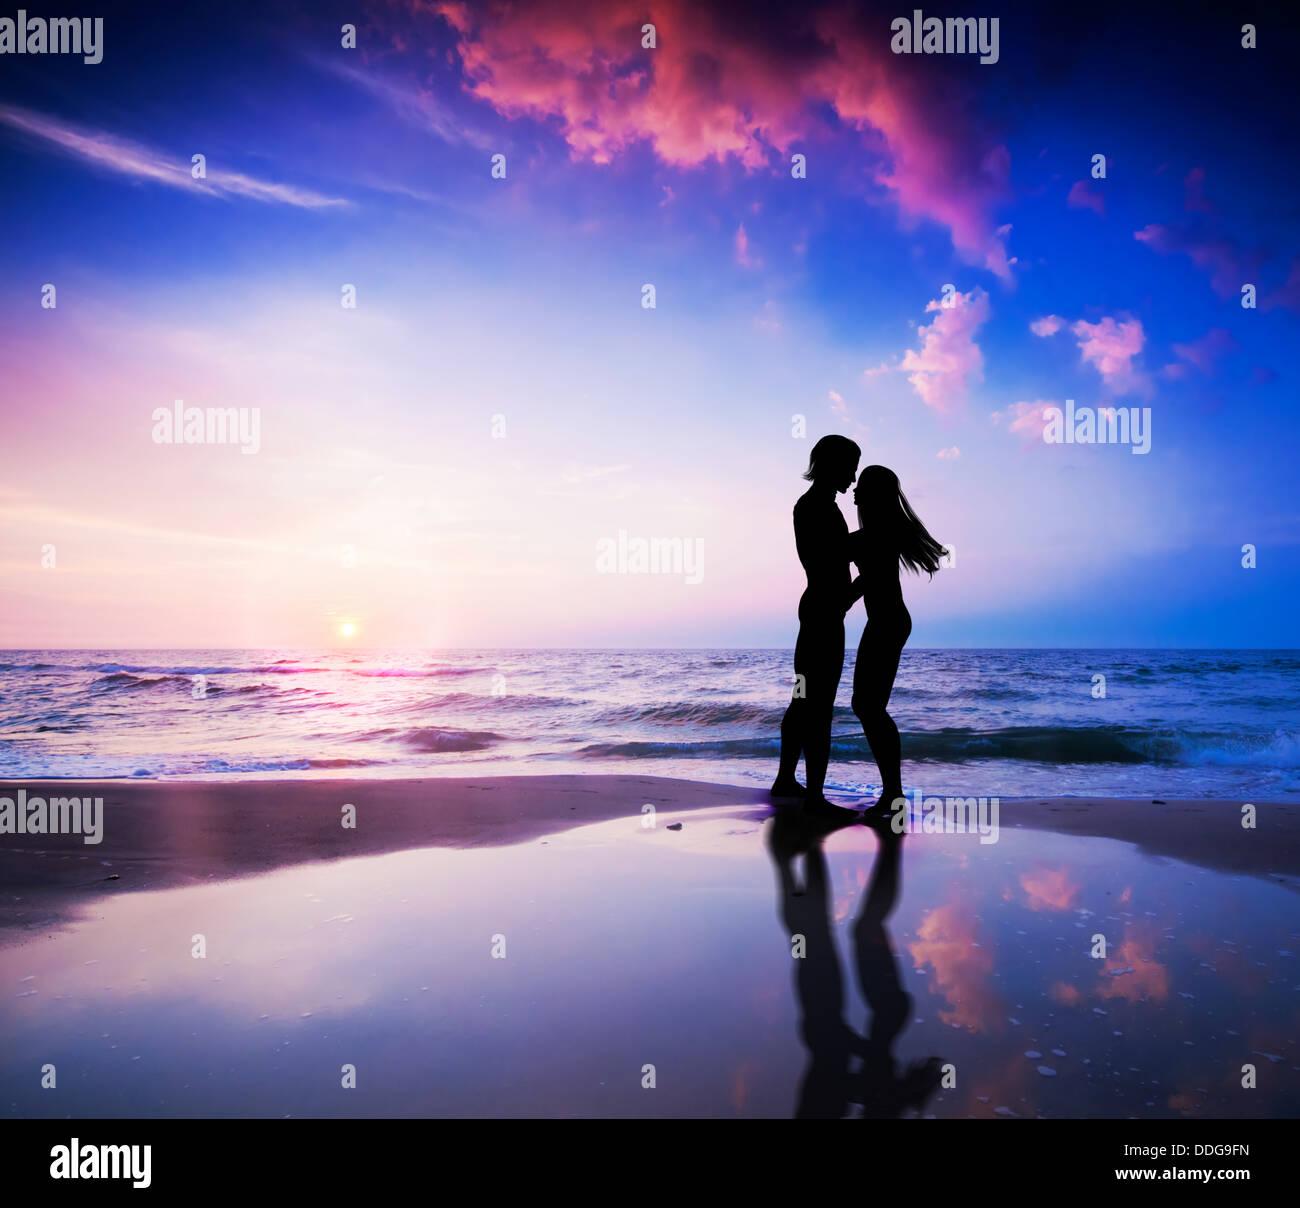 Romantisches Paar küssen am Strand bei Sonnenuntergang Stockbild